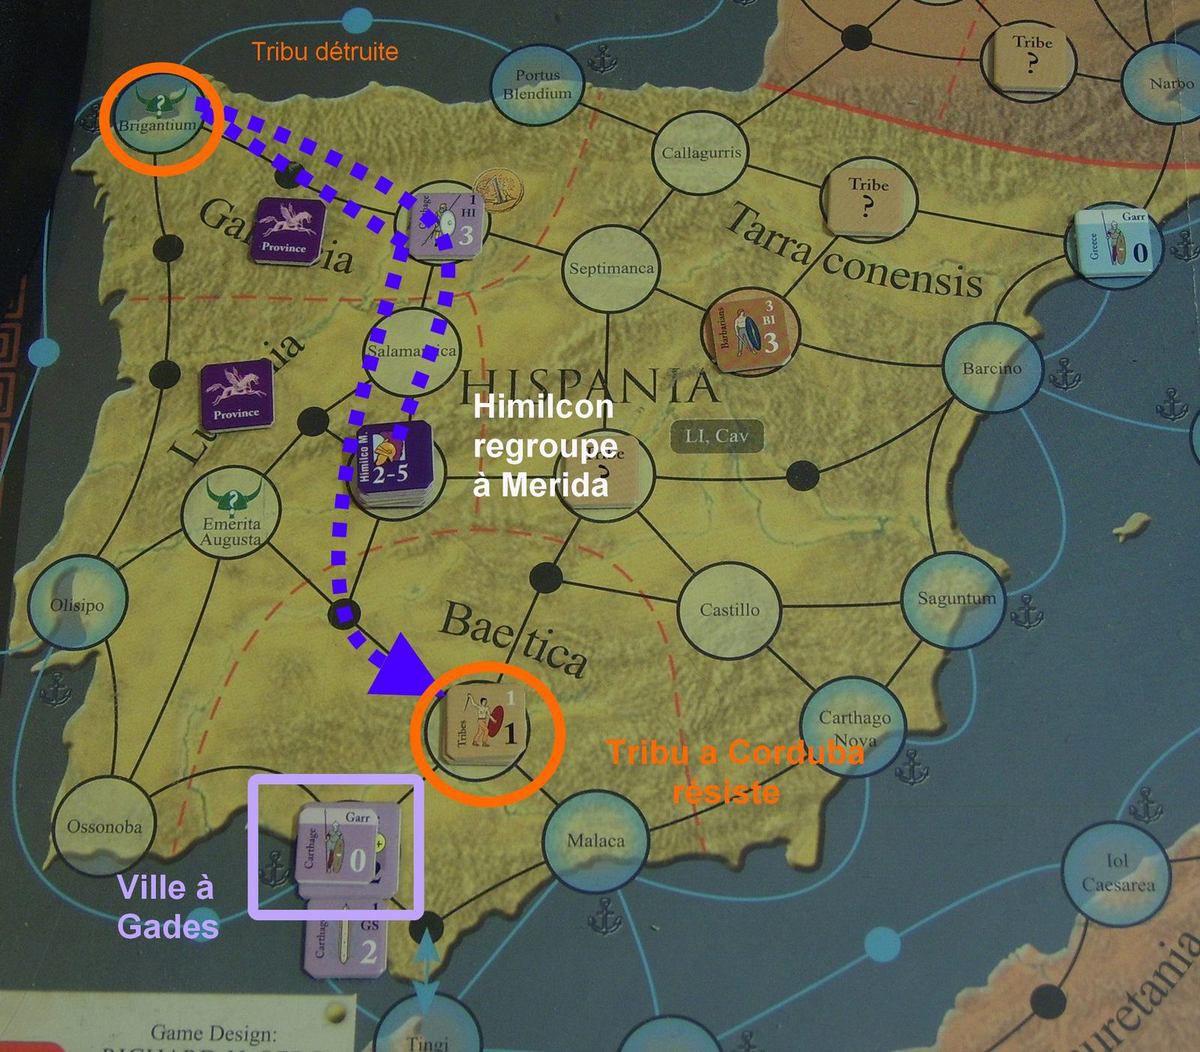 L'activation commence avec une révolte à Jérusalem. En Hispania, Himilcon continue de soumettre les tribus locales. Celle de Brigantum est détruite en une fois en sacrifiant 10% des troupes&#x3B; celle de Corduba résiste à la première et dernière attaque du Major Move. A Syracuse on répare, et à Gades on construit une ville.